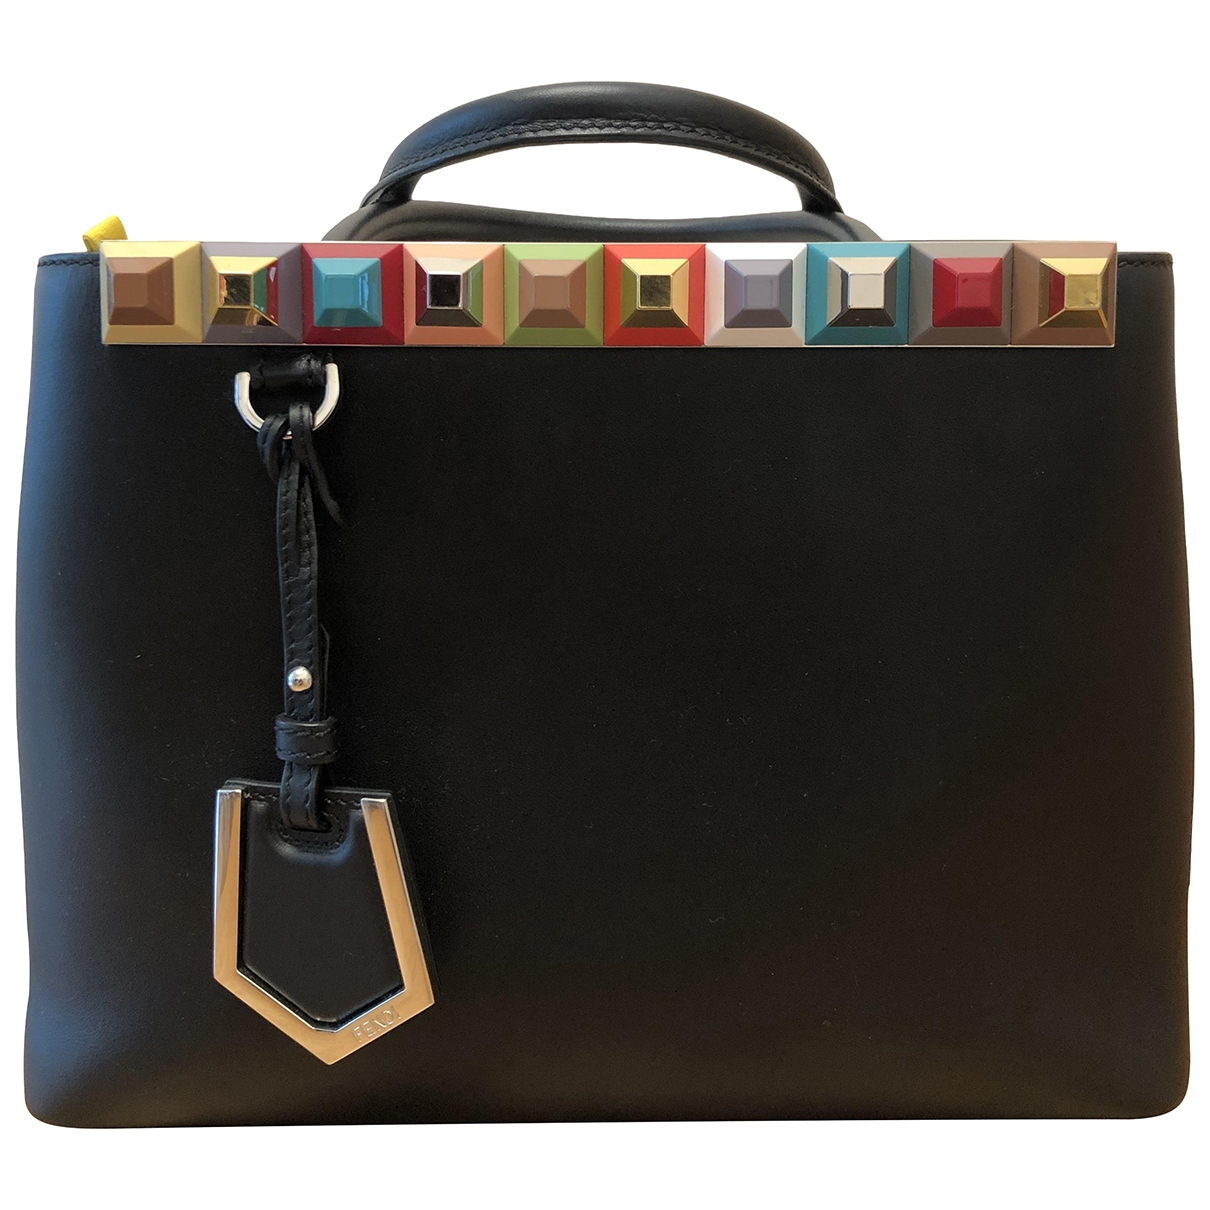 Fendi 2Jours Black Leather handbag for Women \N